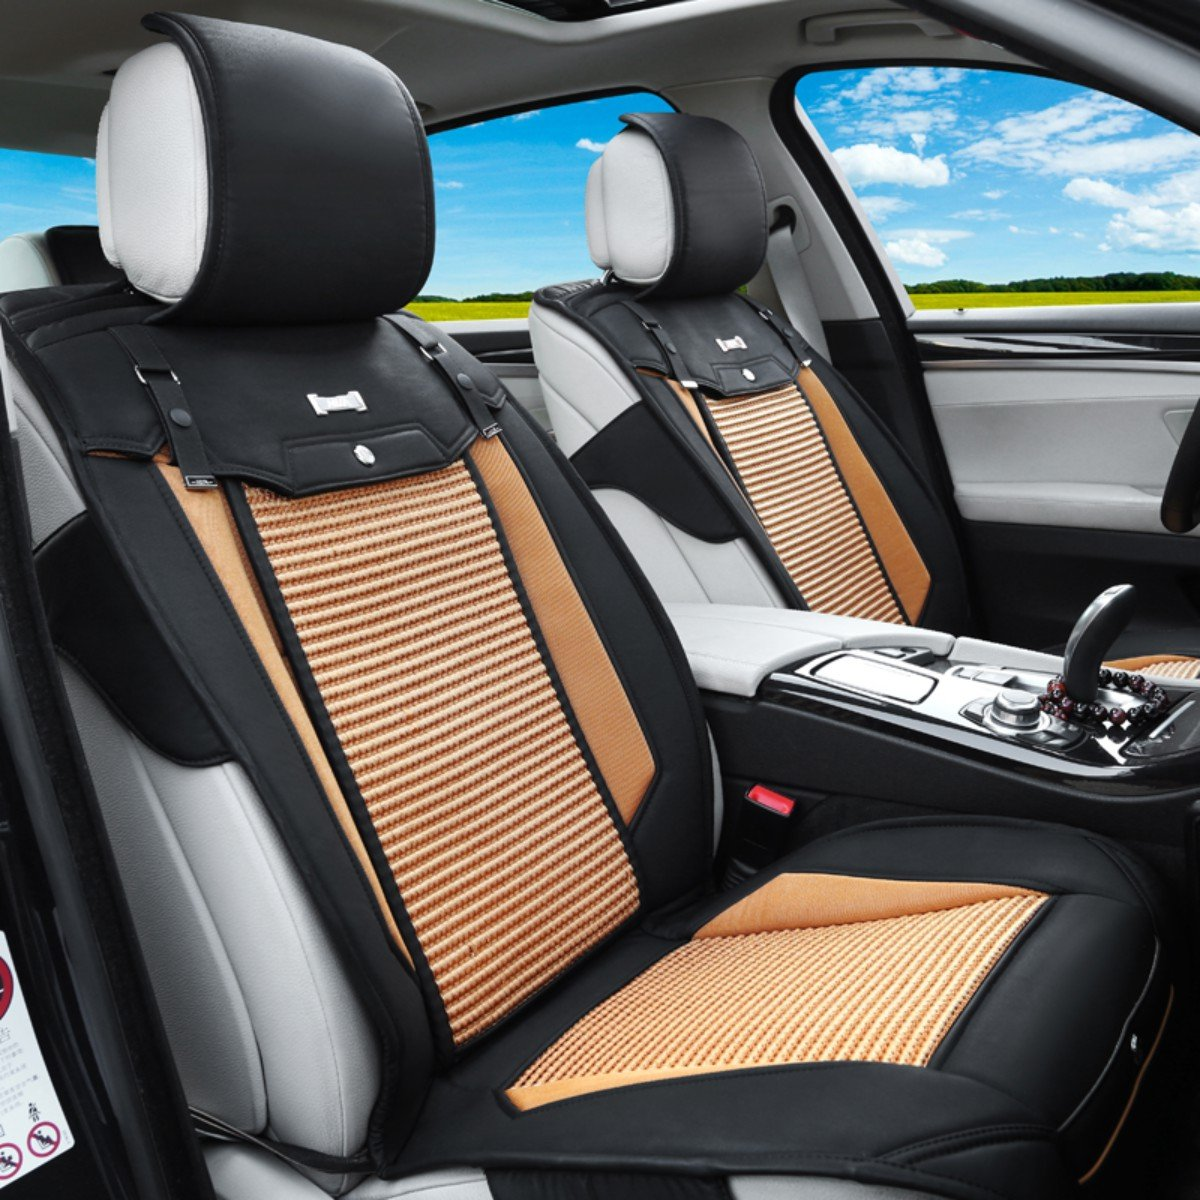 海尚汽车坐垫四季新款 汽车夏季座垫四季通用 皮革冰丝 车垫套4-17